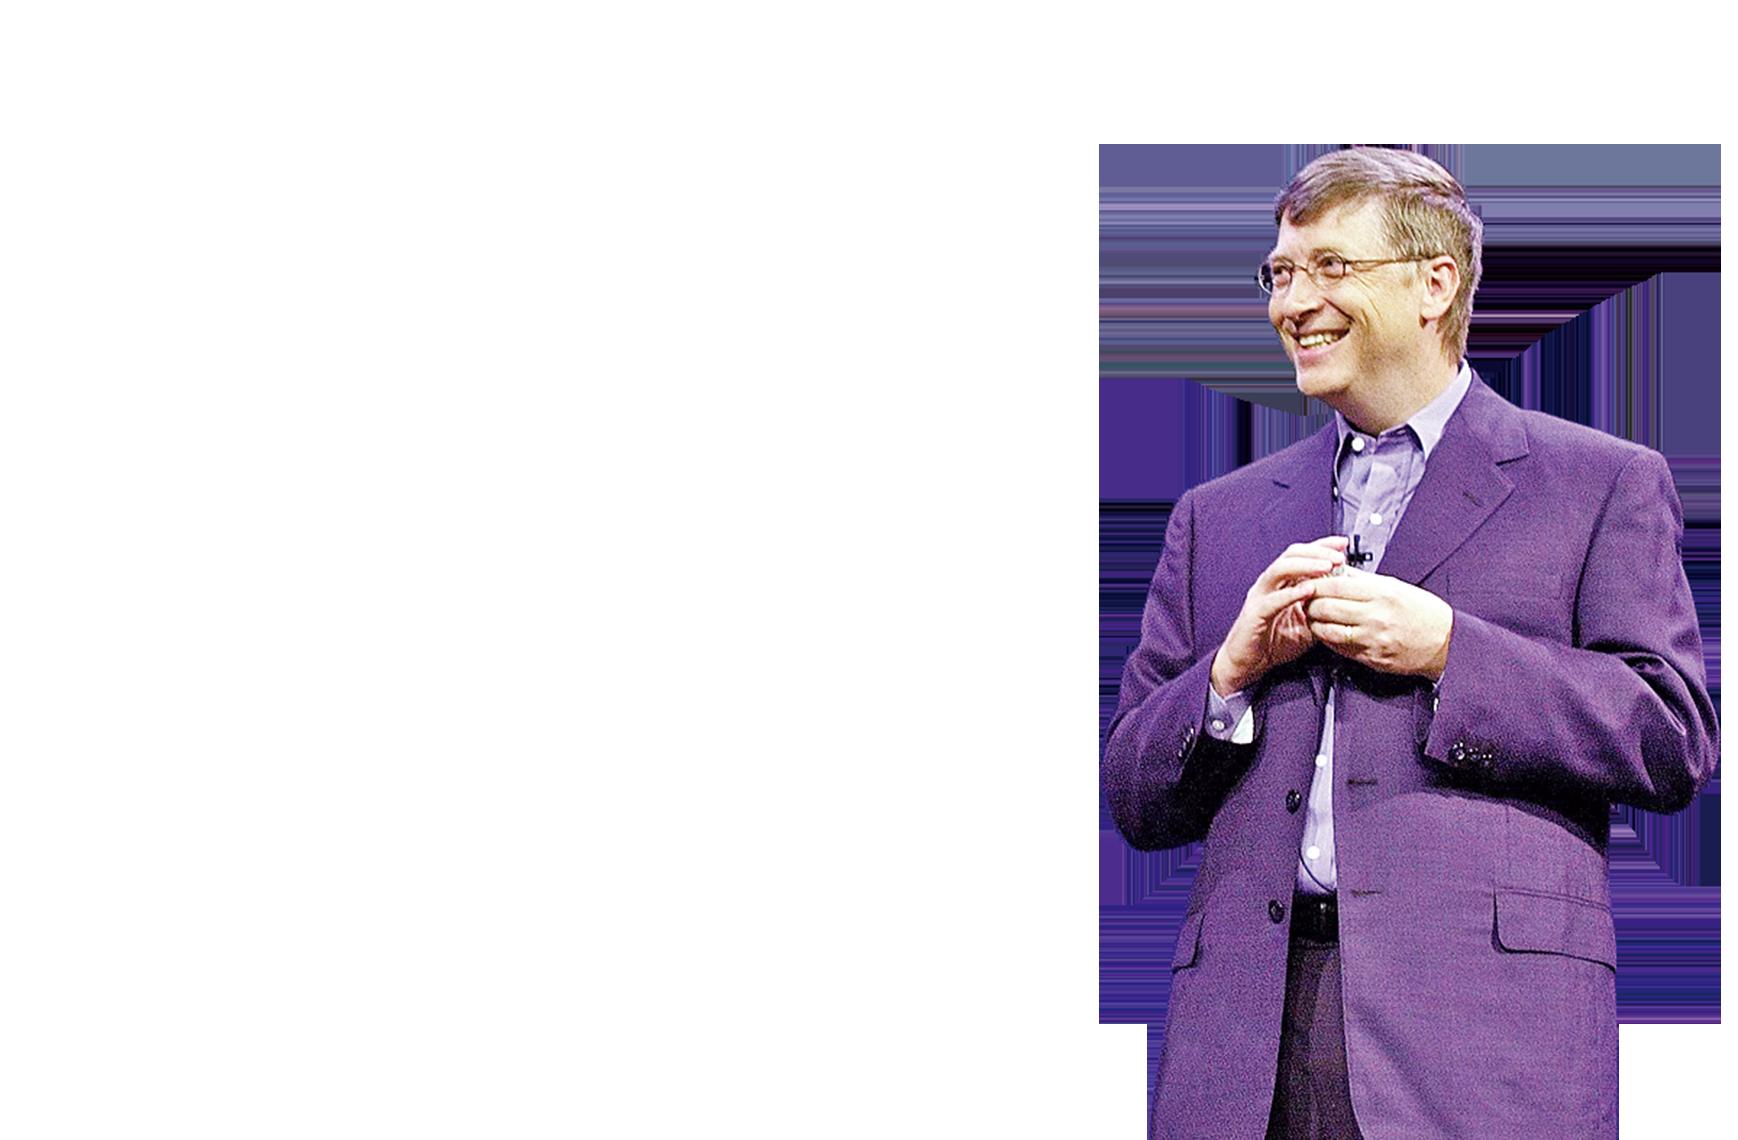 微軟創始人蓋茨。(AFP)